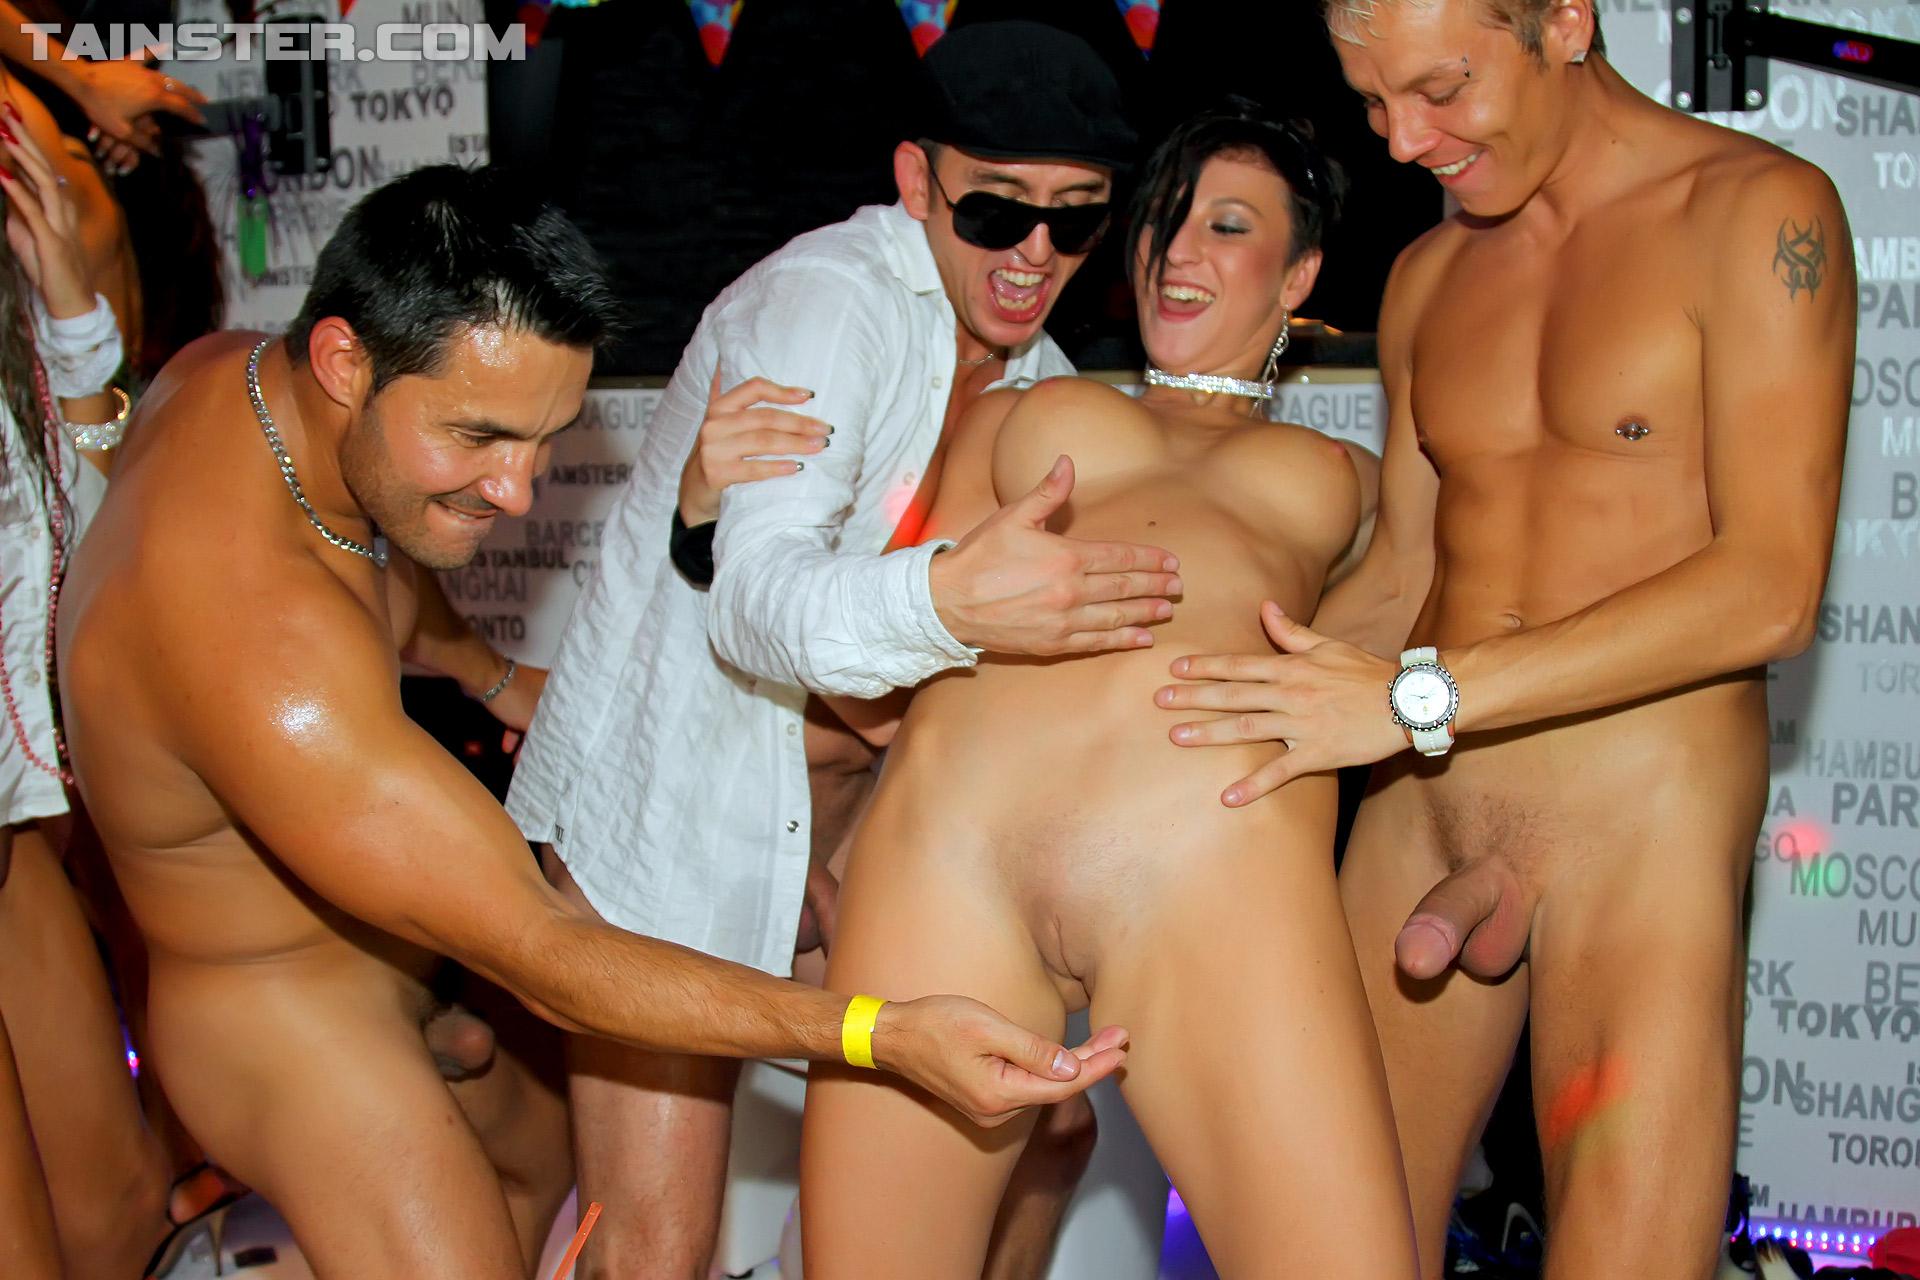 Lingerie party porn